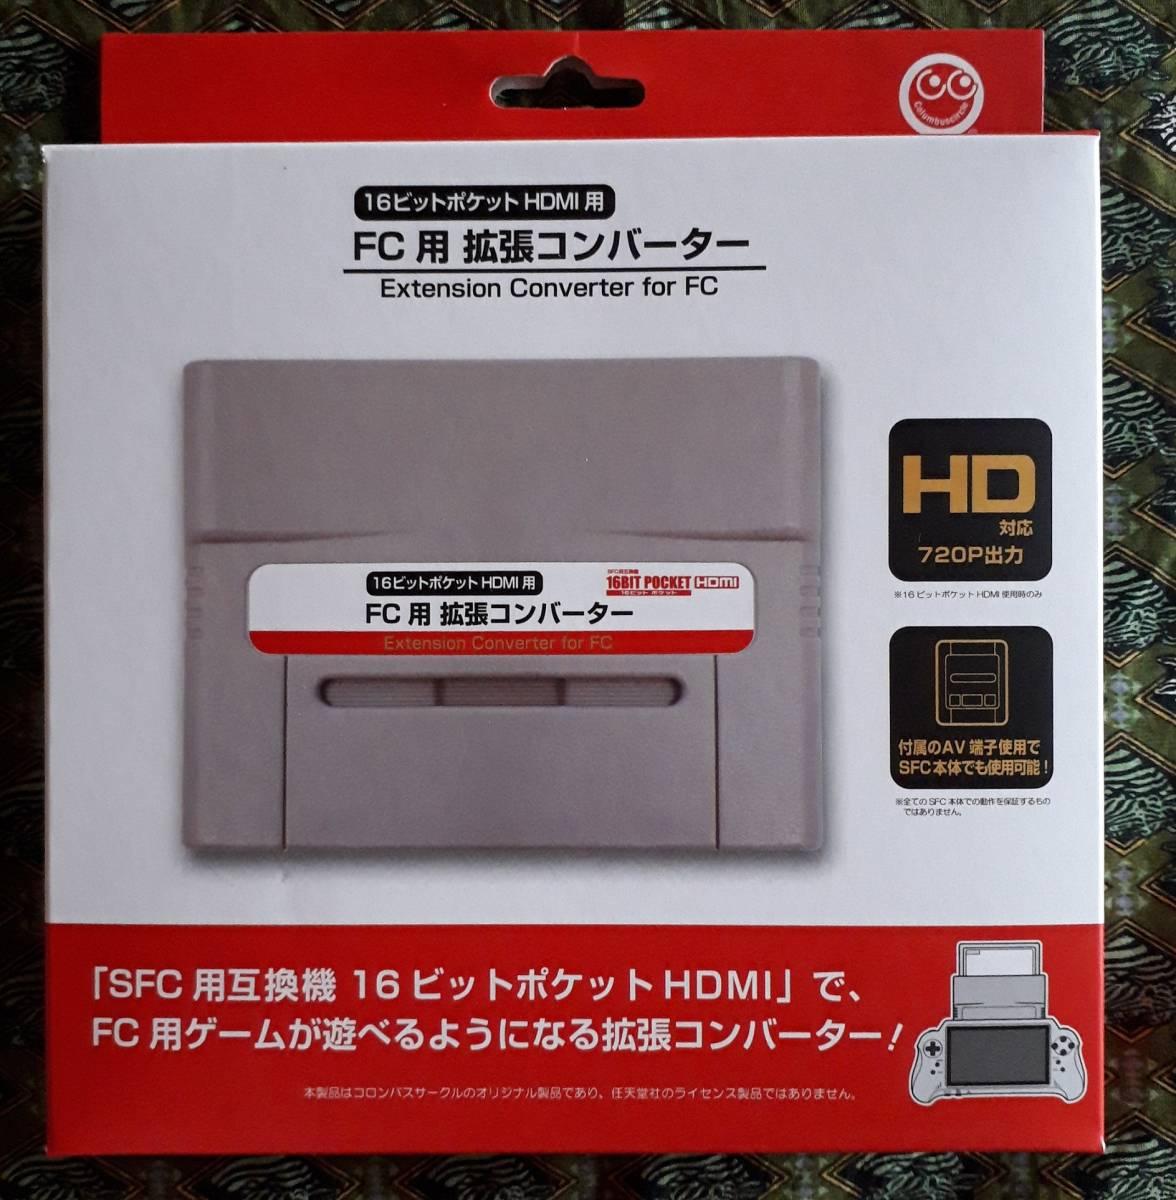 16ビットポケット HDMI用 FC用拡張コンバーター  スーパーファミコン本体でも使用できます